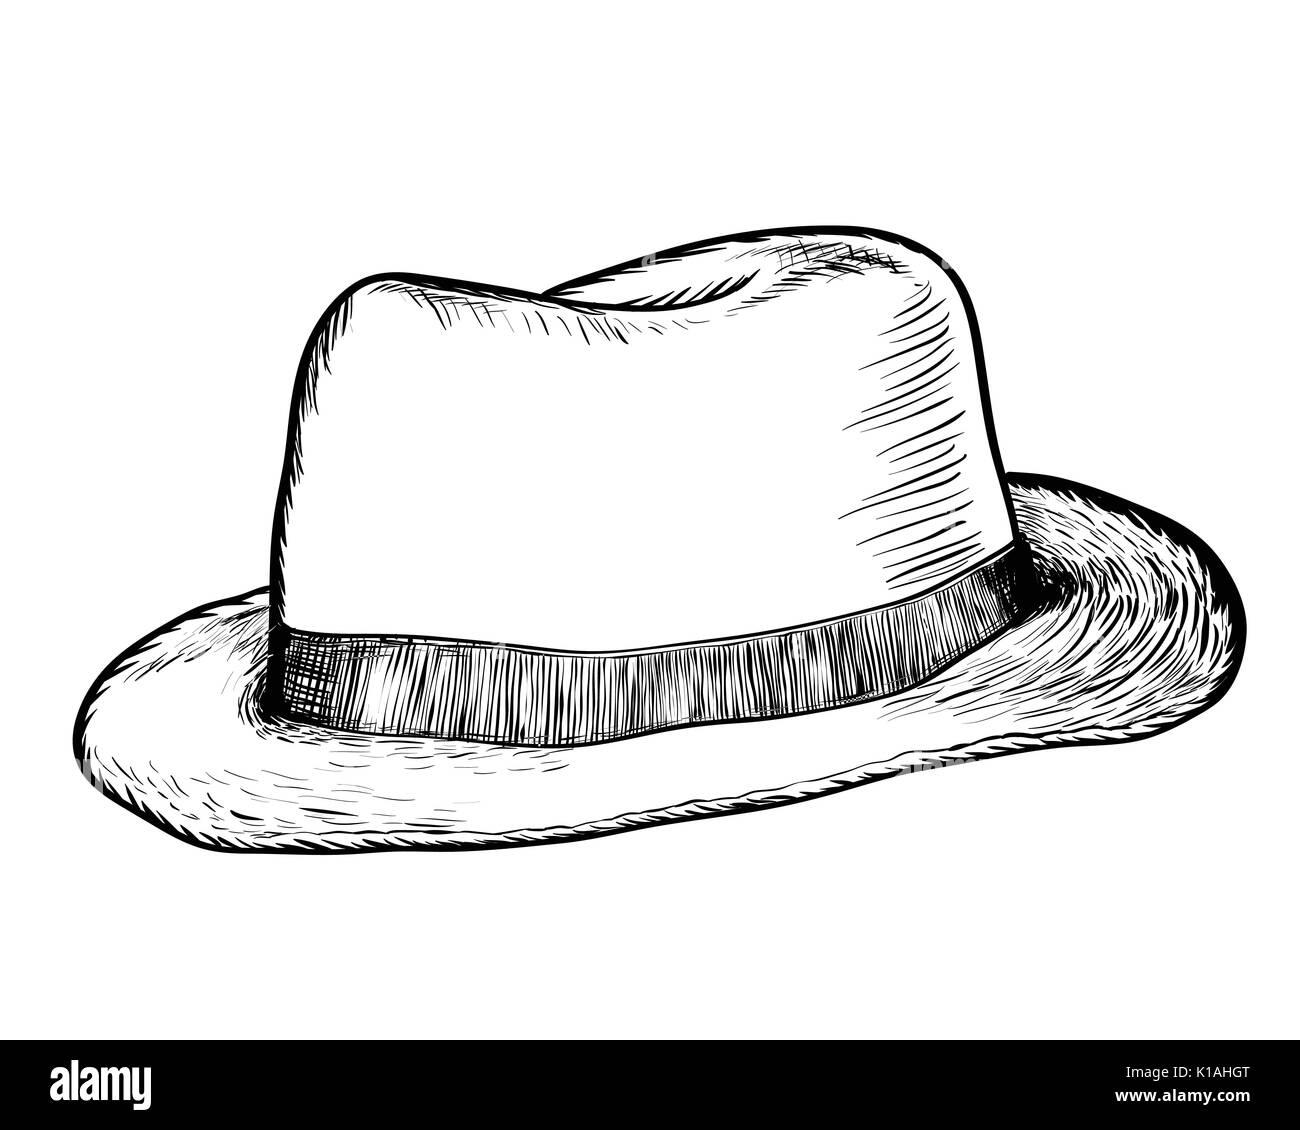 Dibujo a mano alzada, sombrero de cowboy. Línea simple en blanco y ...